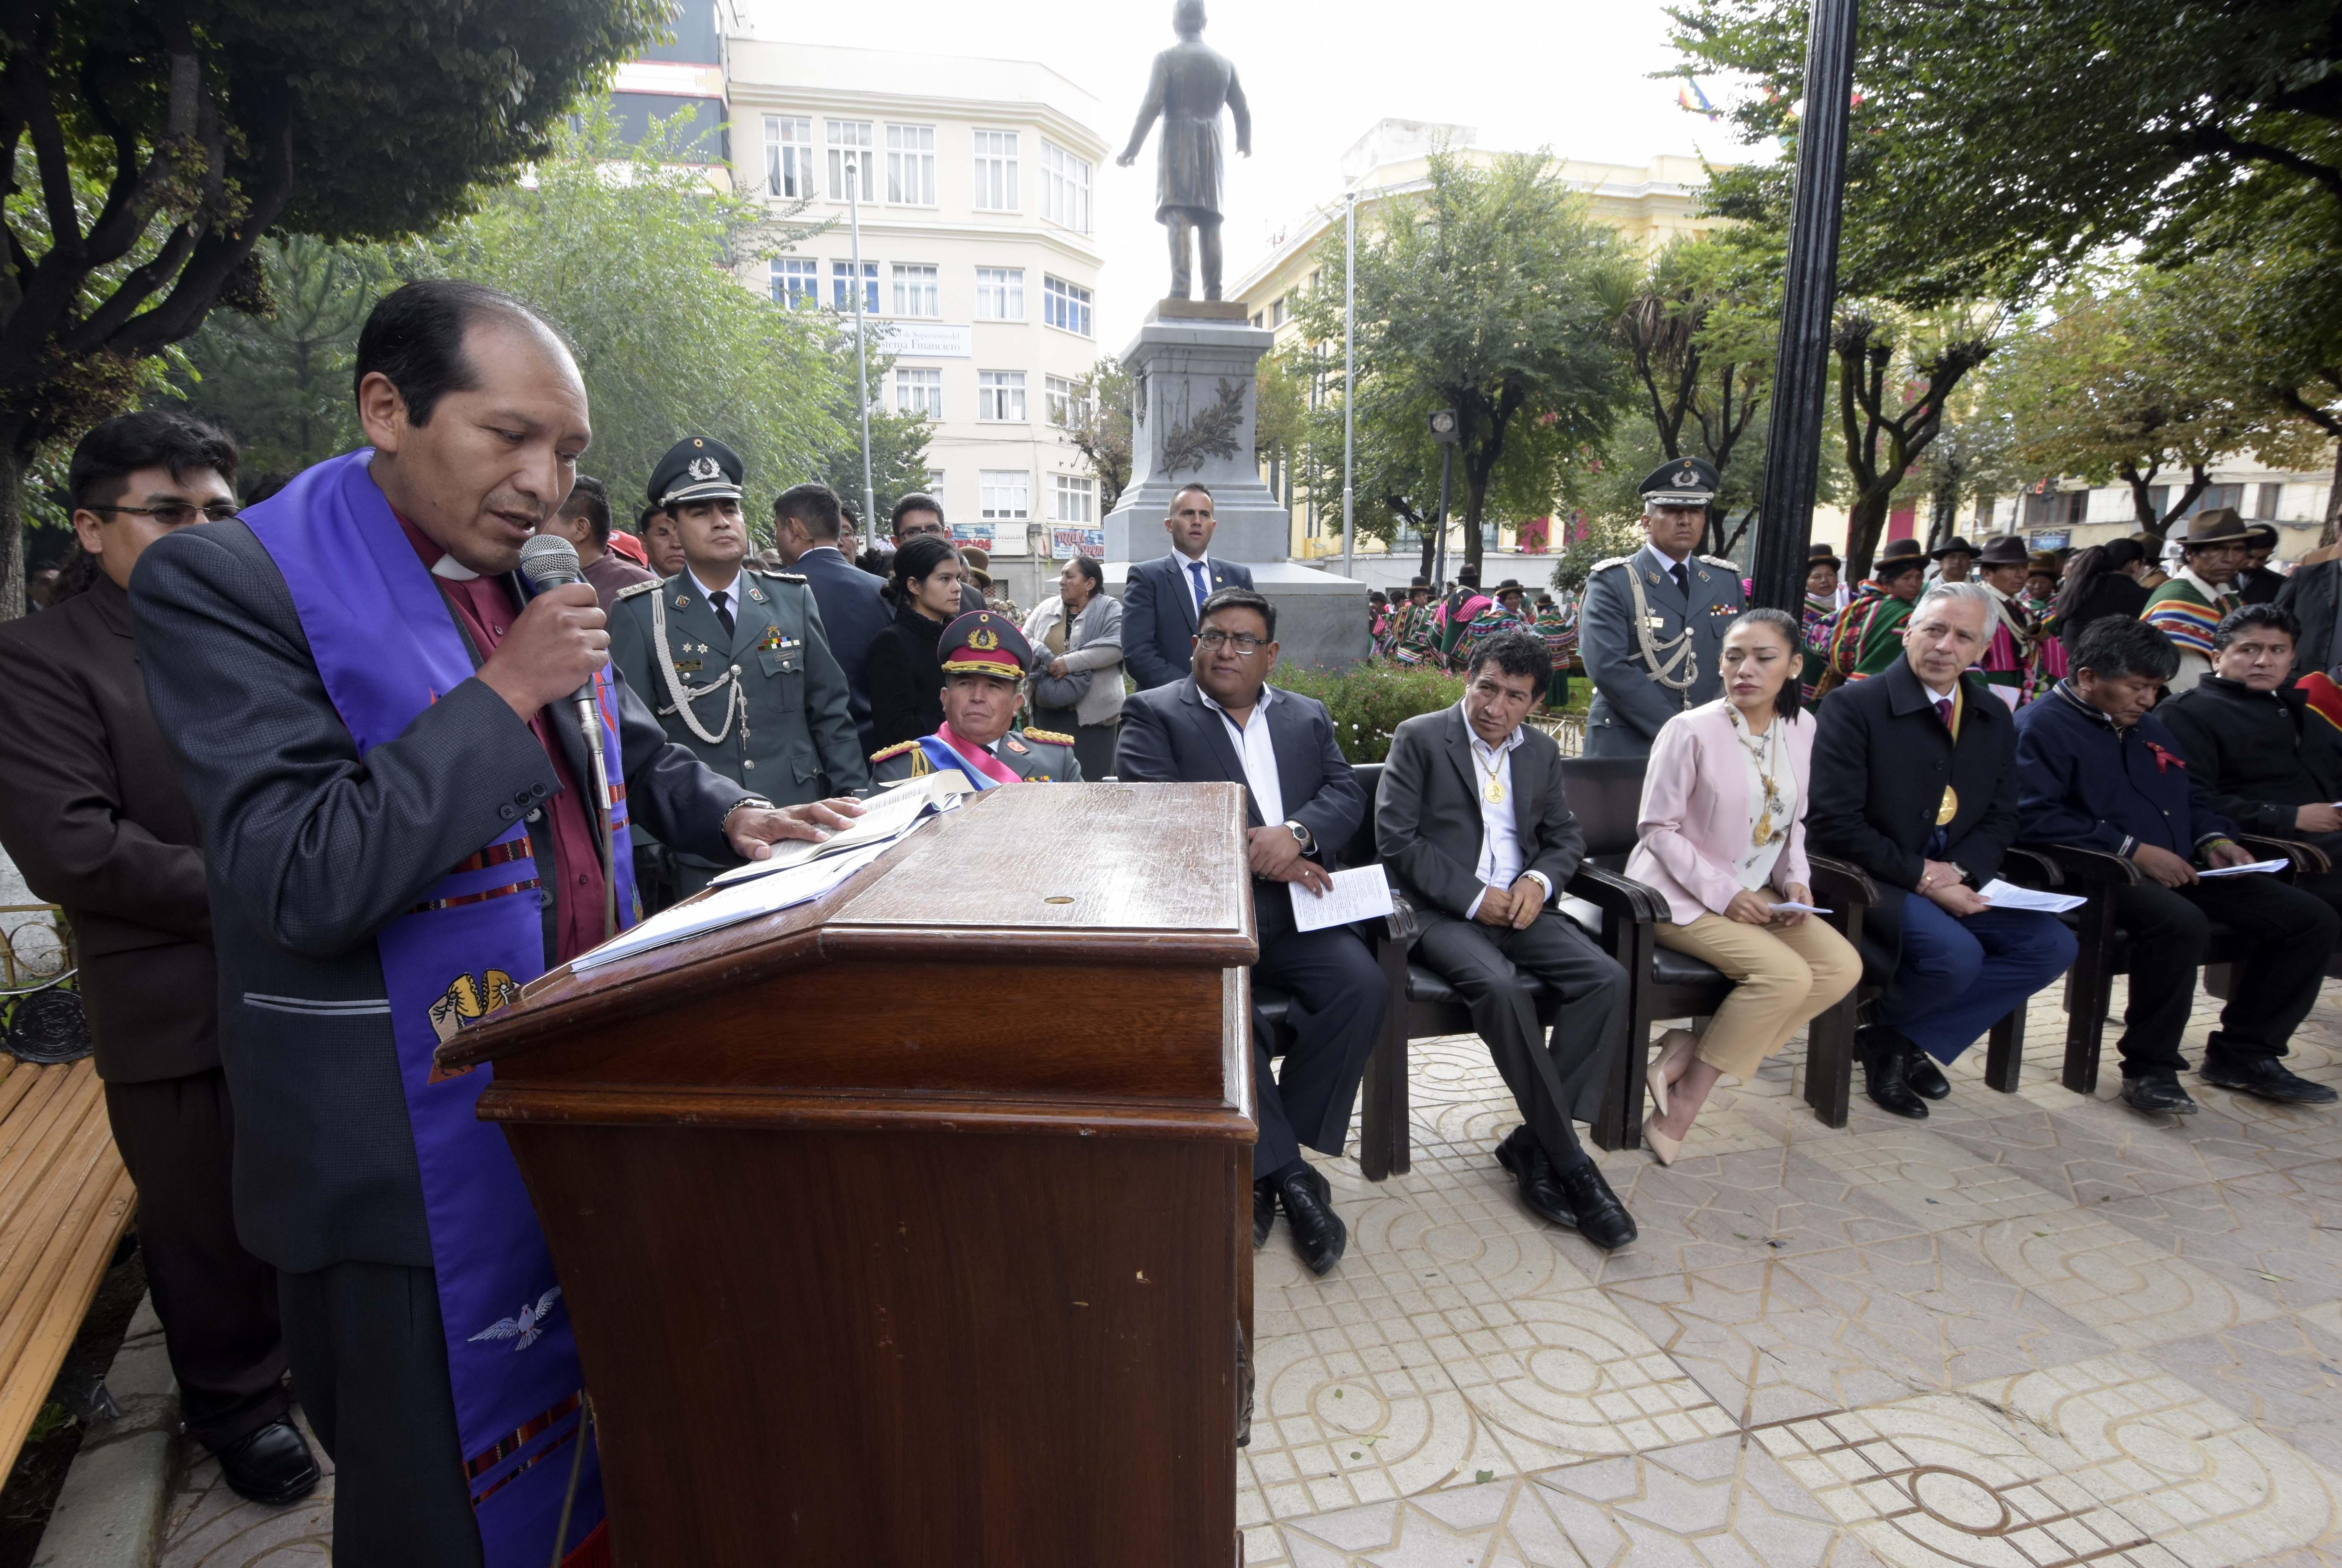 El Obispo Antonio Huanca, líder episcopal de la Iglesia Evangélica Metodista en Bolivia, ha publicado un mensaje abierto al pueblo boliviano en medio de crecientes tensiones sociales, después de las últimas elecciones presidenciales del 20 de octubre de 2019. Foto cortesía de la Vicepresidencia de Estado Plurinacional de Bolivia.